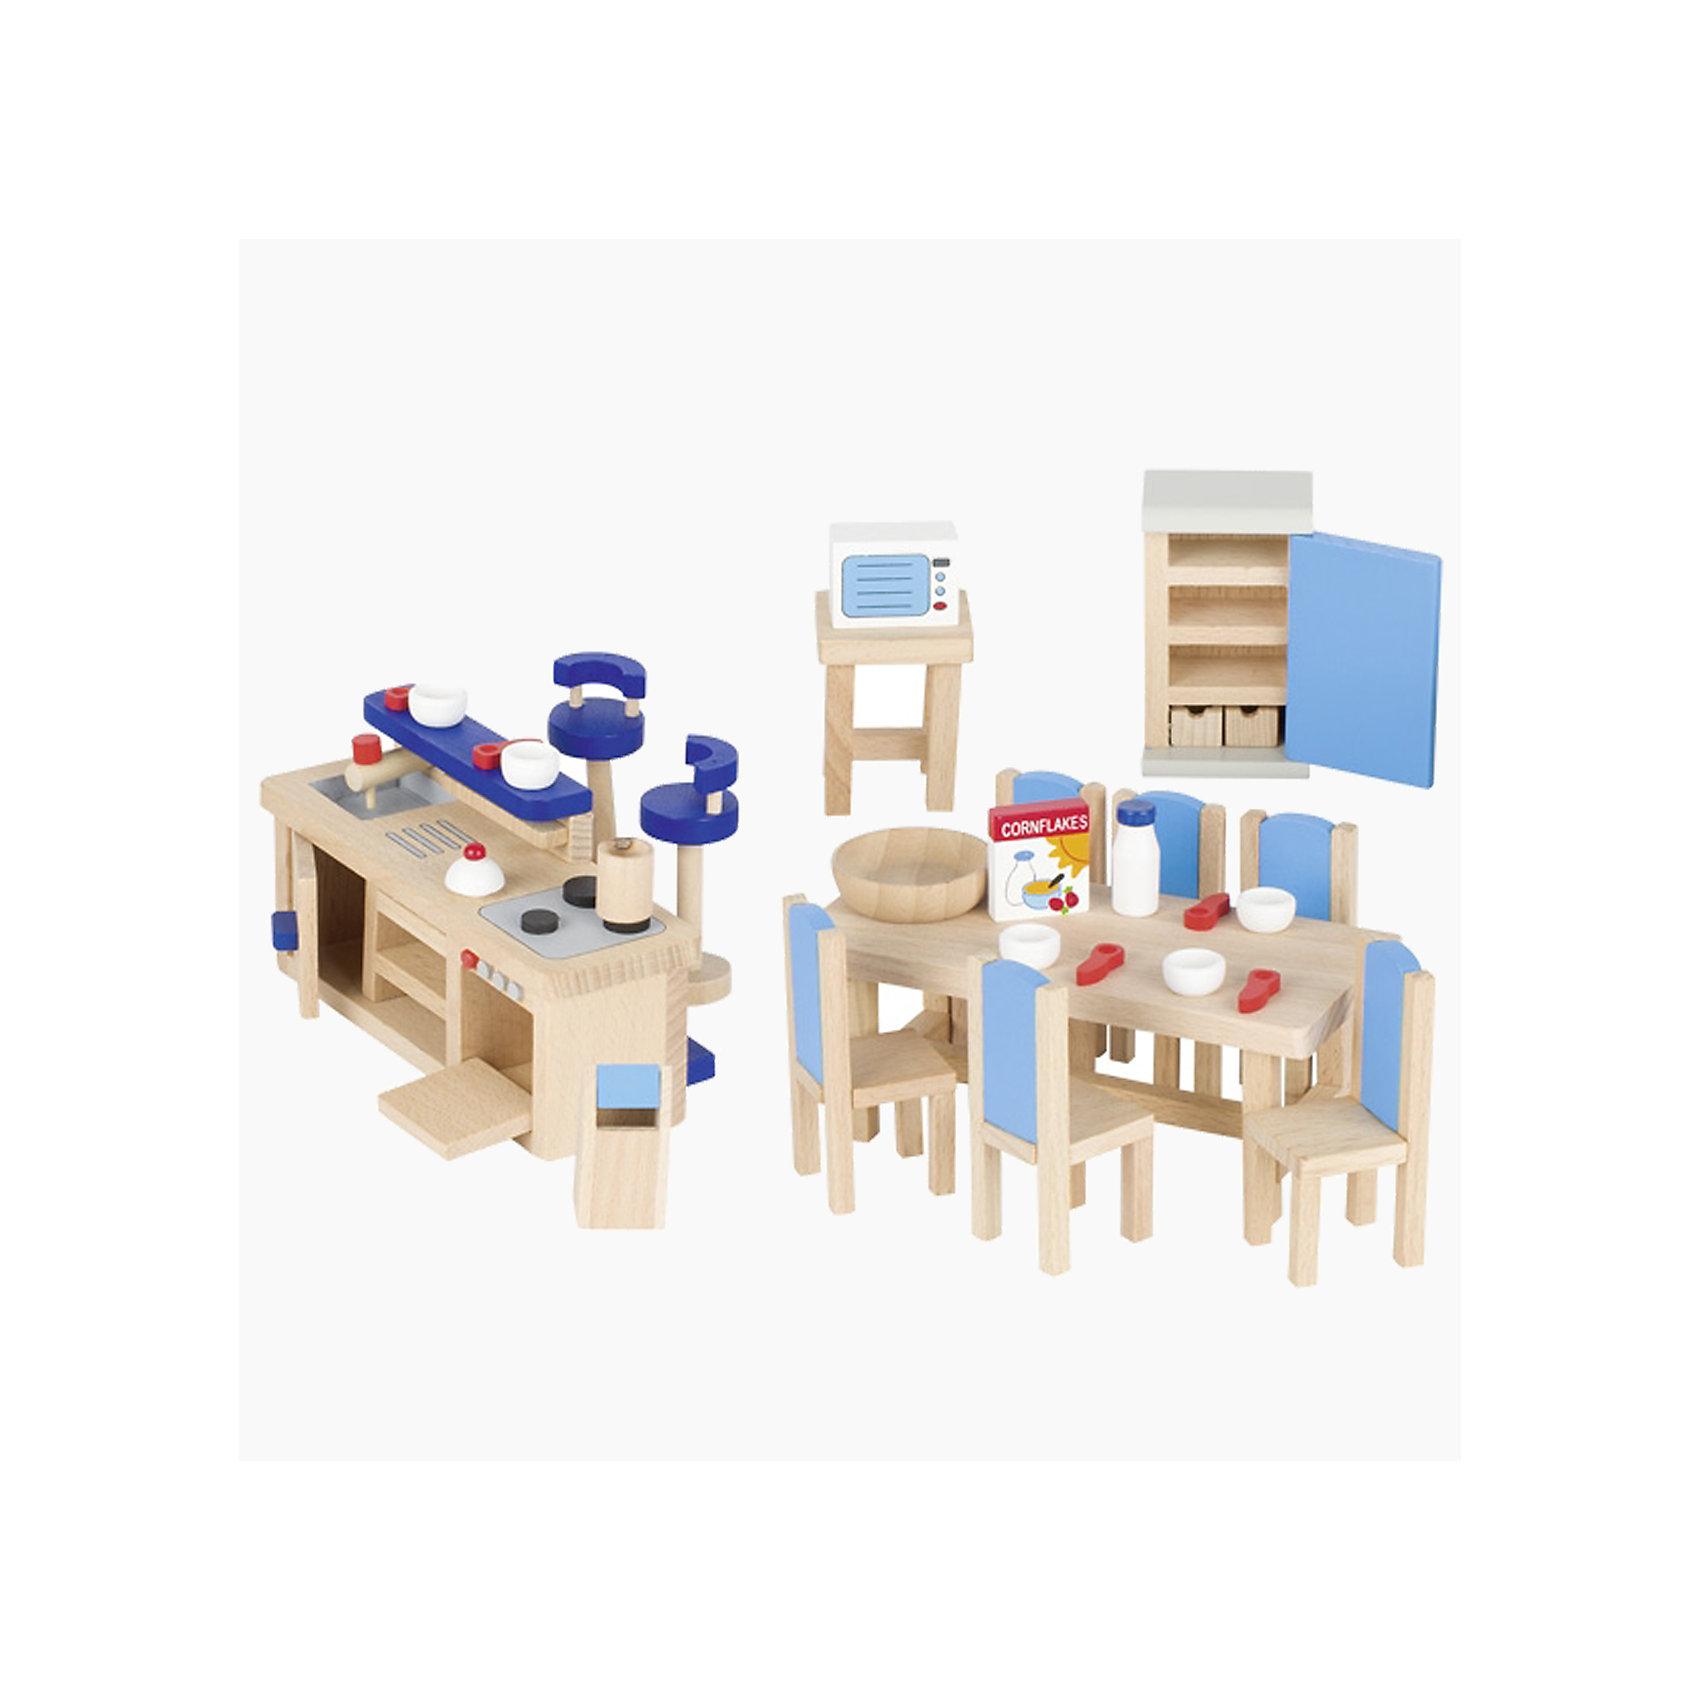 Мебель для кукольной кухни modern синяя, gokiХарактеристики товара:<br><br>- цвет: разноцветный;<br>- материал: дерево;<br>- возраст: от трех лет;<br>- комплектация: 30 предметов.<br><br>Этот симпатичный набор из множества предметов, необходимых на кукольной кухне, приводит детей в восторг! Какая девочка сможет отказаться поиграть с куклами, которые имеют кухню, так похожую на настоящую?! В набор входят самые необходимые для этого помещения вещи. Игрушки очень качественно выполнены, поэтому набор станет замечательным подарком ребенку. <br>Продается набор в красивой удобной упаковке. Игры с куклами помогают девочкам развить важные навыки и отработать модели социального взаимодействия. Изделие произведено из высококачественного материала, безопасного для детей.<br><br>Мебель для кукольной кухни modern синяя от бренда GOKI можно купить в нашем интернет-магазине.<br><br>Ширина мм: 143<br>Глубина мм: 143<br>Высота мм: 143<br>Вес г: 621<br>Возраст от месяцев: 36<br>Возраст до месяцев: 144<br>Пол: Женский<br>Возраст: Детский<br>SKU: 5155318